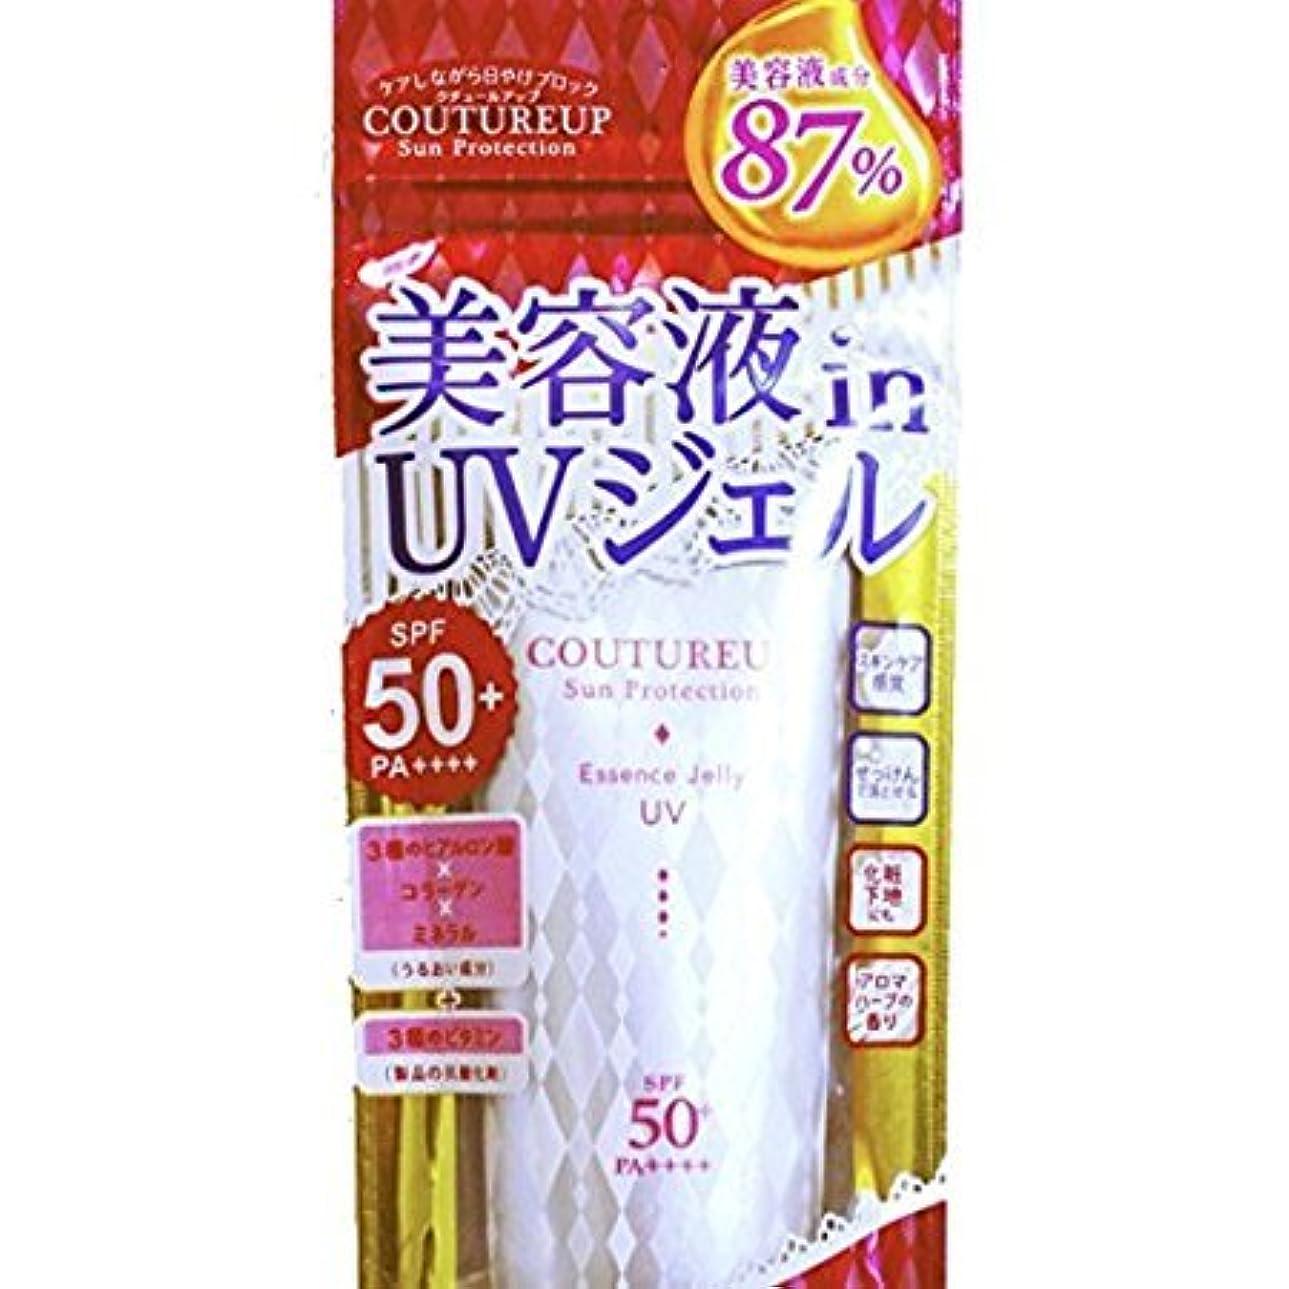 傑作メロディー悪因子美容液 in UVジェル SPF50+/PA++++ 65g 美容液成分87% 日焼け止め&化粧下地